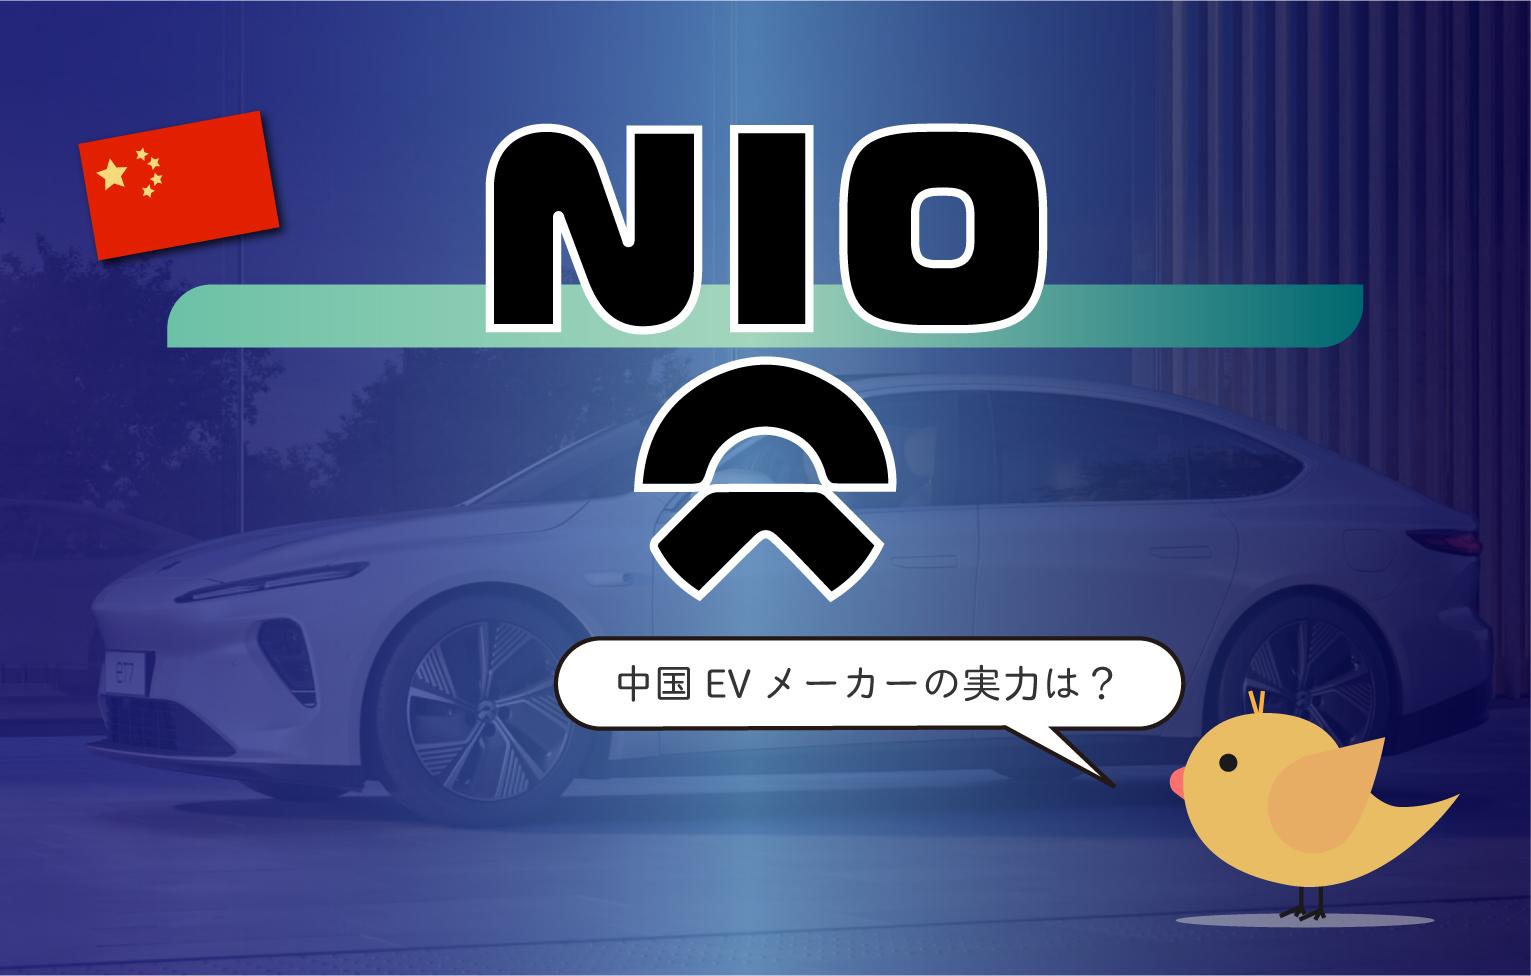 【上海蔚来汽車】ニオ(NIO)の投資情報【EV】